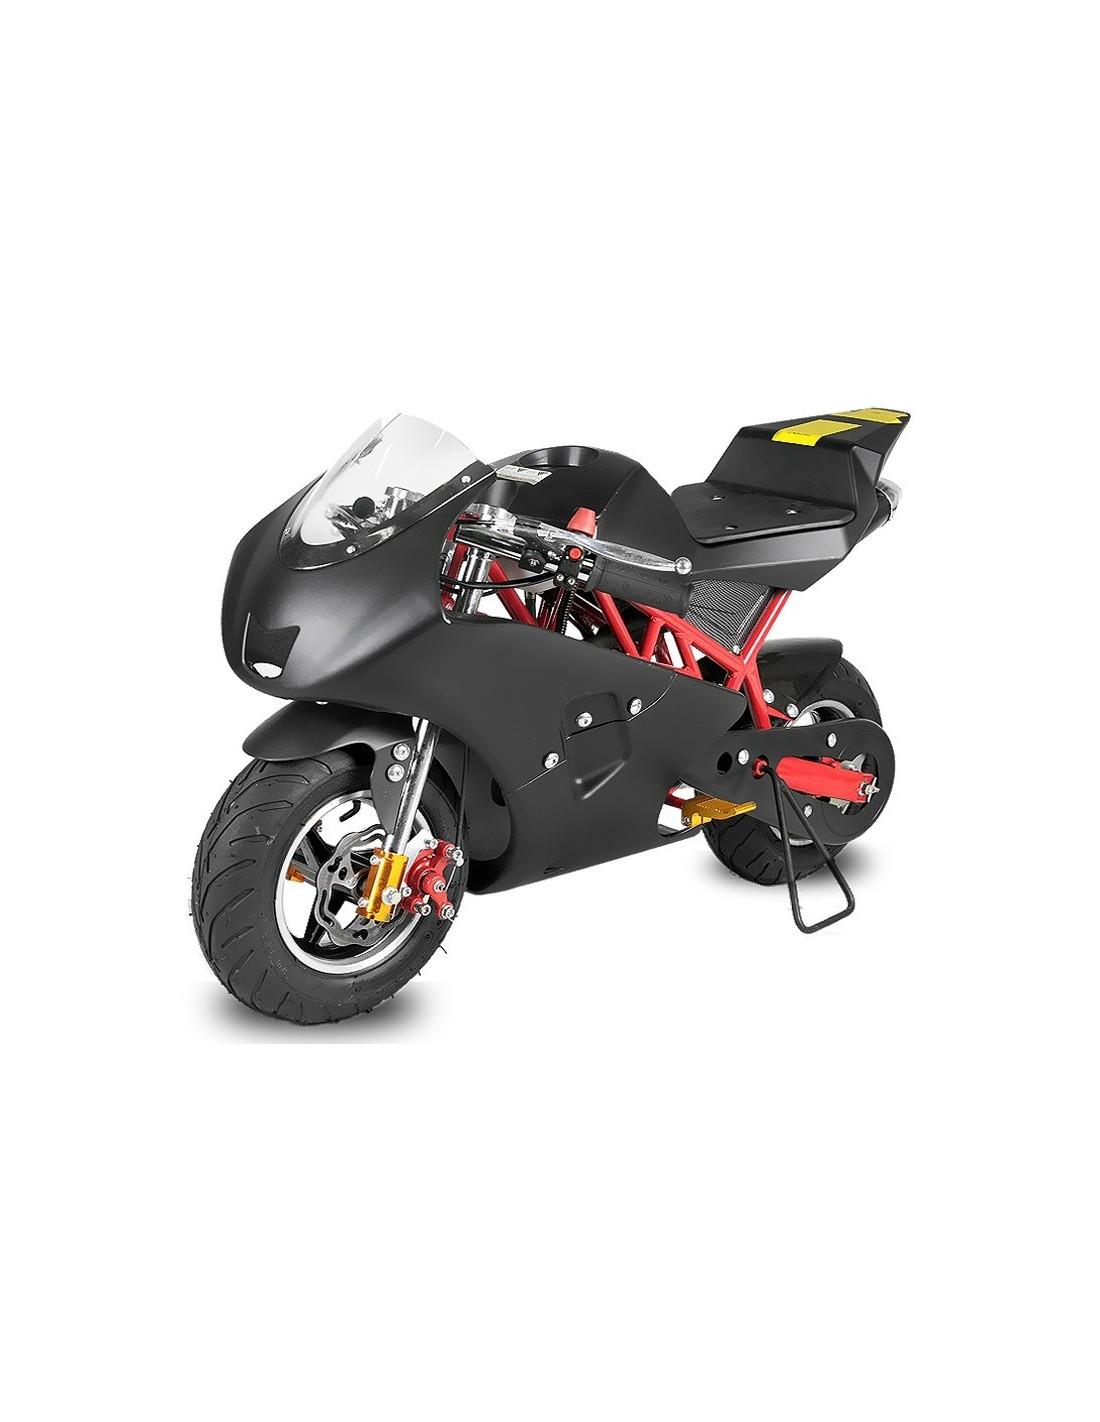 r servoir pocket bike course piste monster bike 62. Black Bedroom Furniture Sets. Home Design Ideas